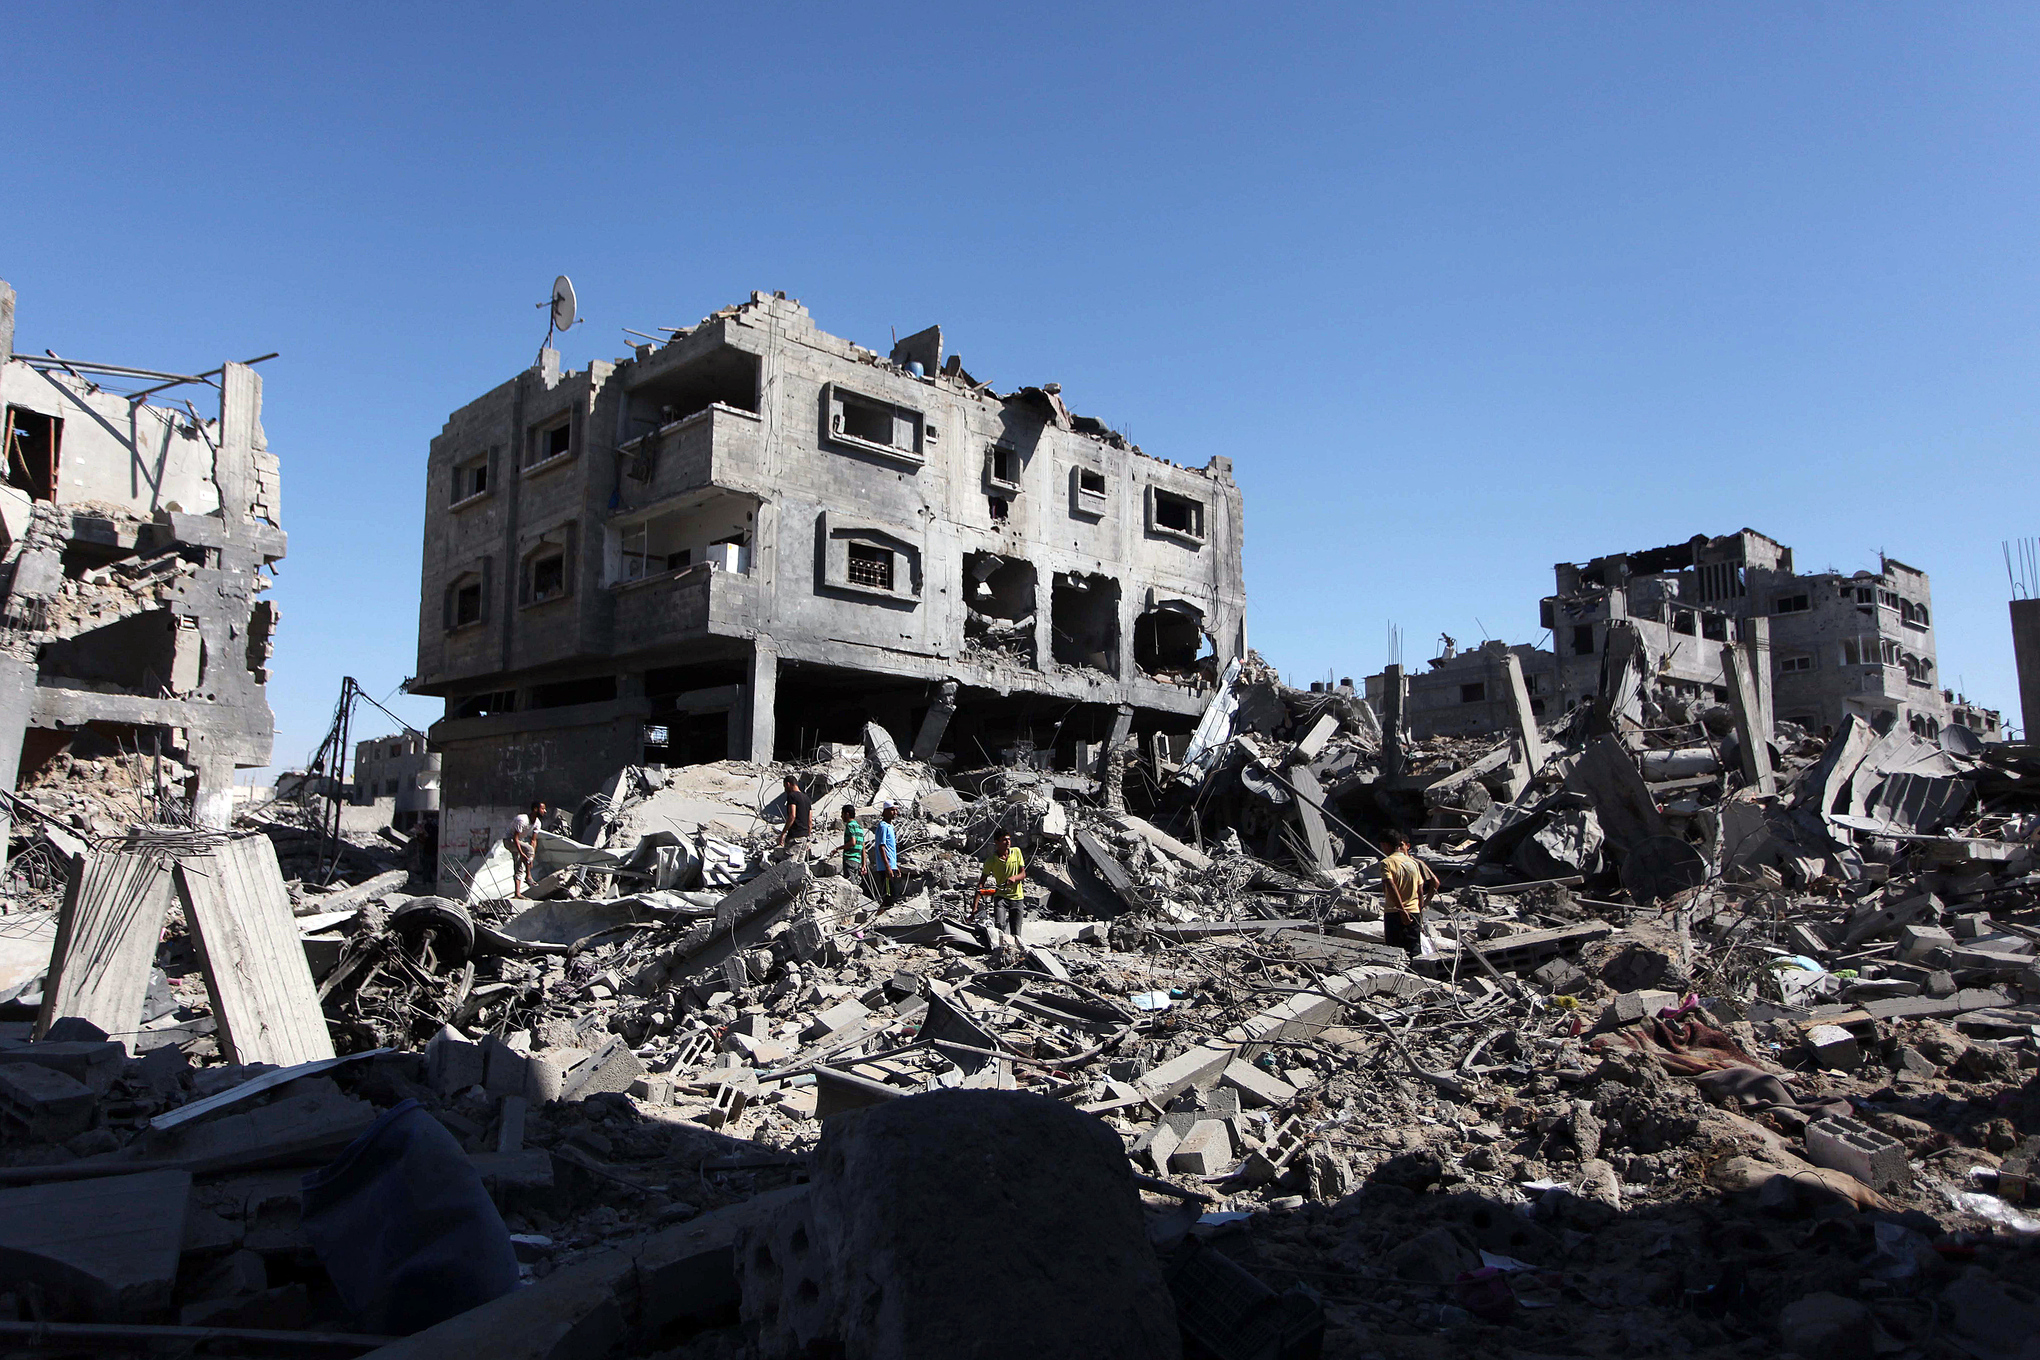 Destroyed houses in Gaza's Shujaya neighborhood (Ashraf Amra/Anadolu Agency/Getty)